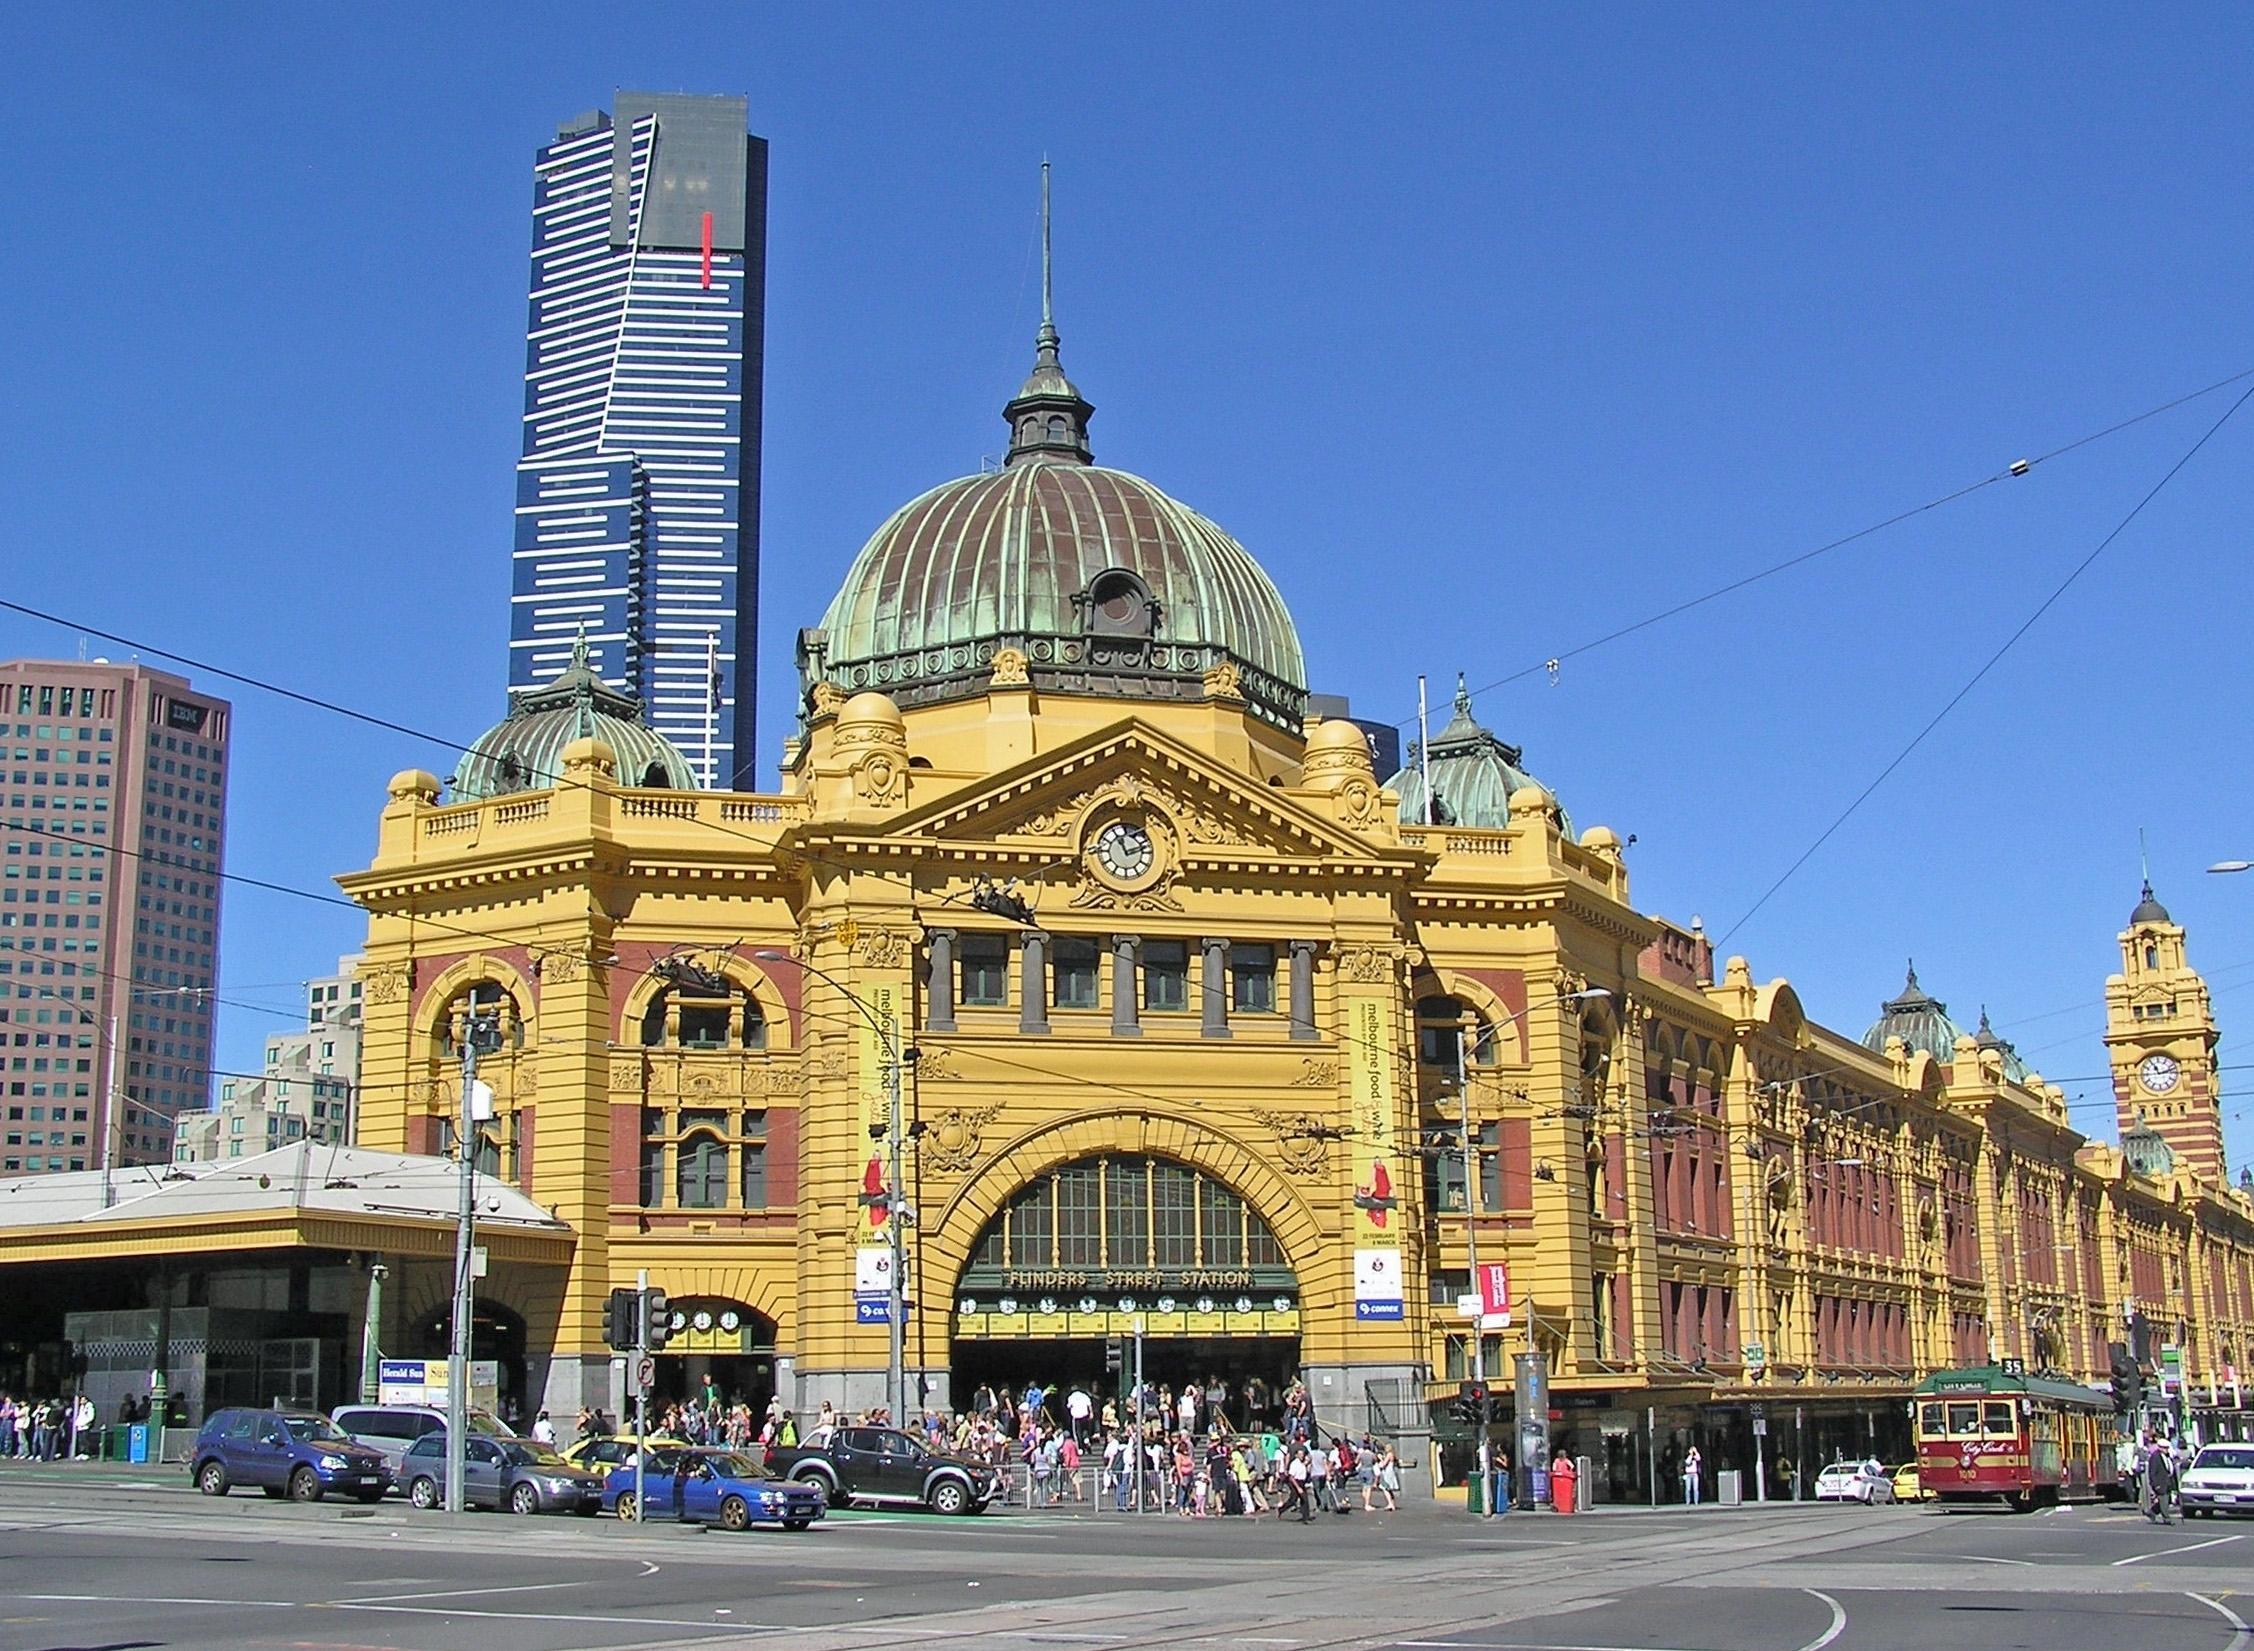 澳大利亚人口与城市_澳大利亚人口分布图